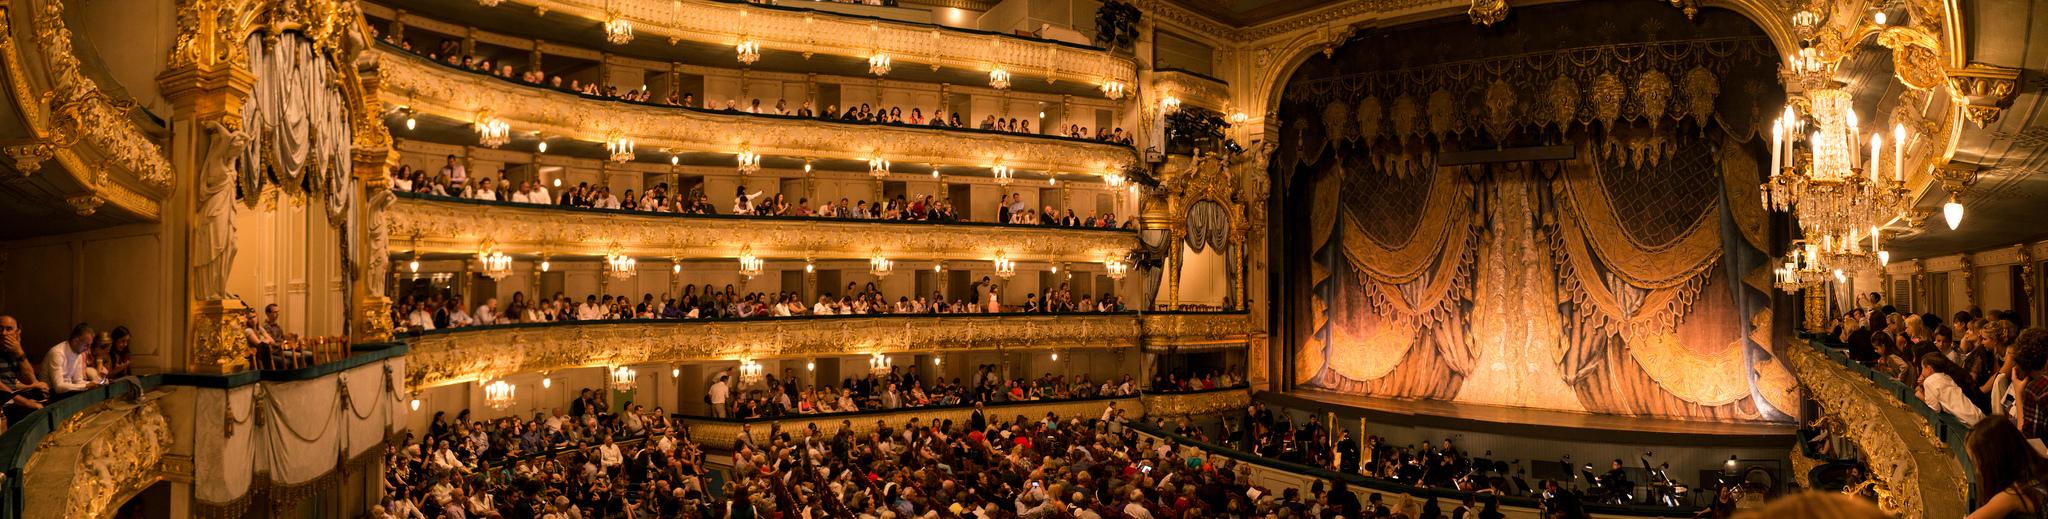 Passez une soirée de rêve au Théatre Mariinsky | Babbel